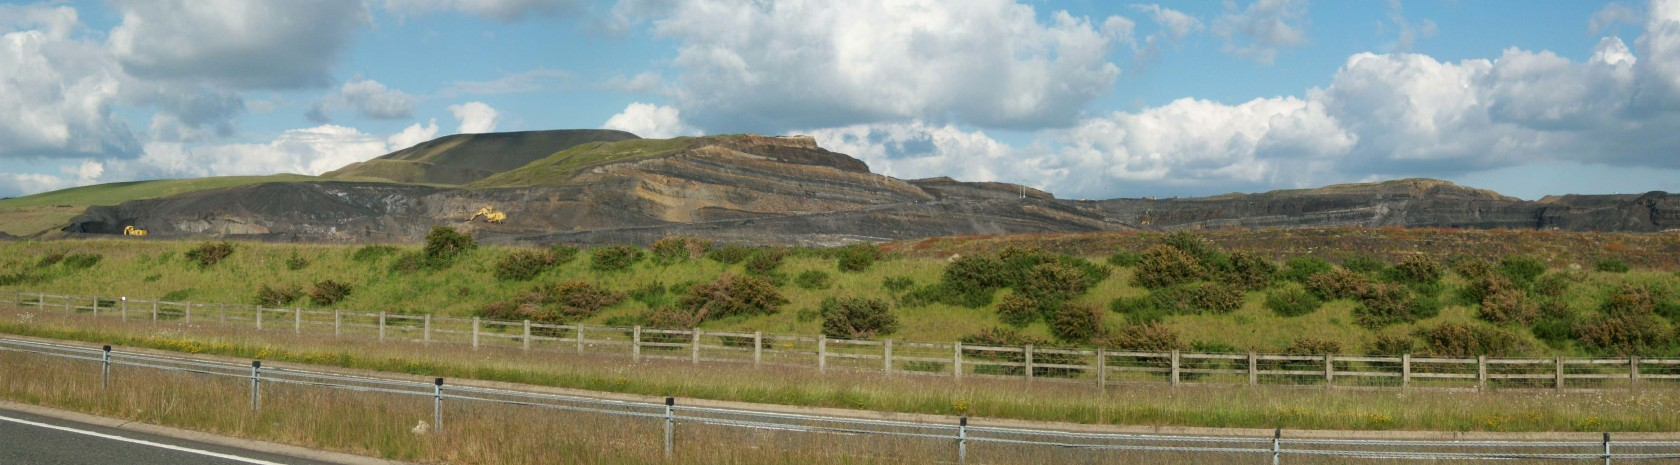 UK mine II